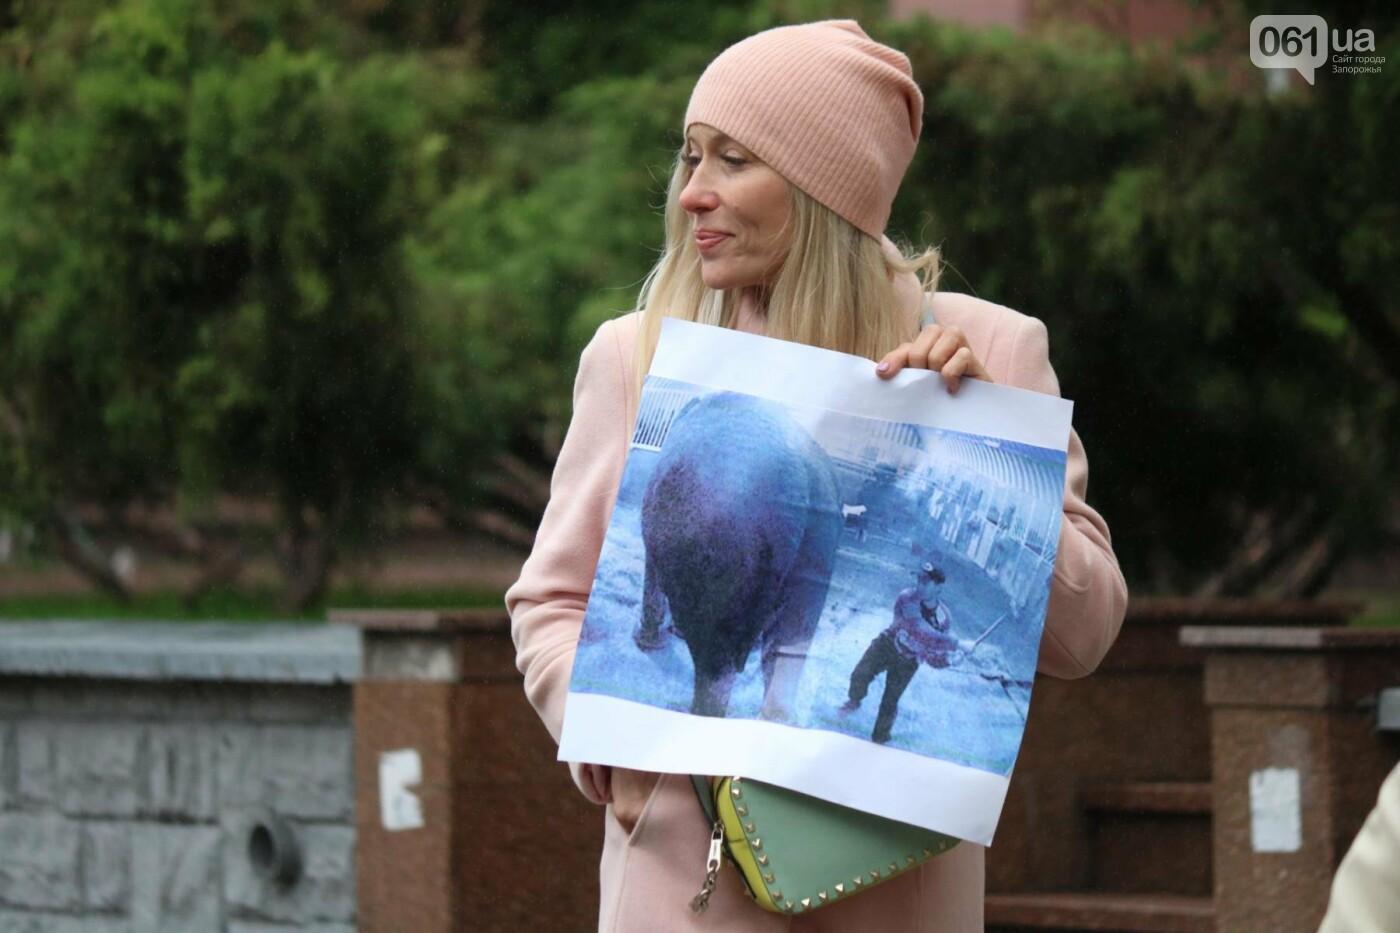 В Запорожье прошел марш за права животных, - ФОТОРЕПОРТАЖ, фото-8